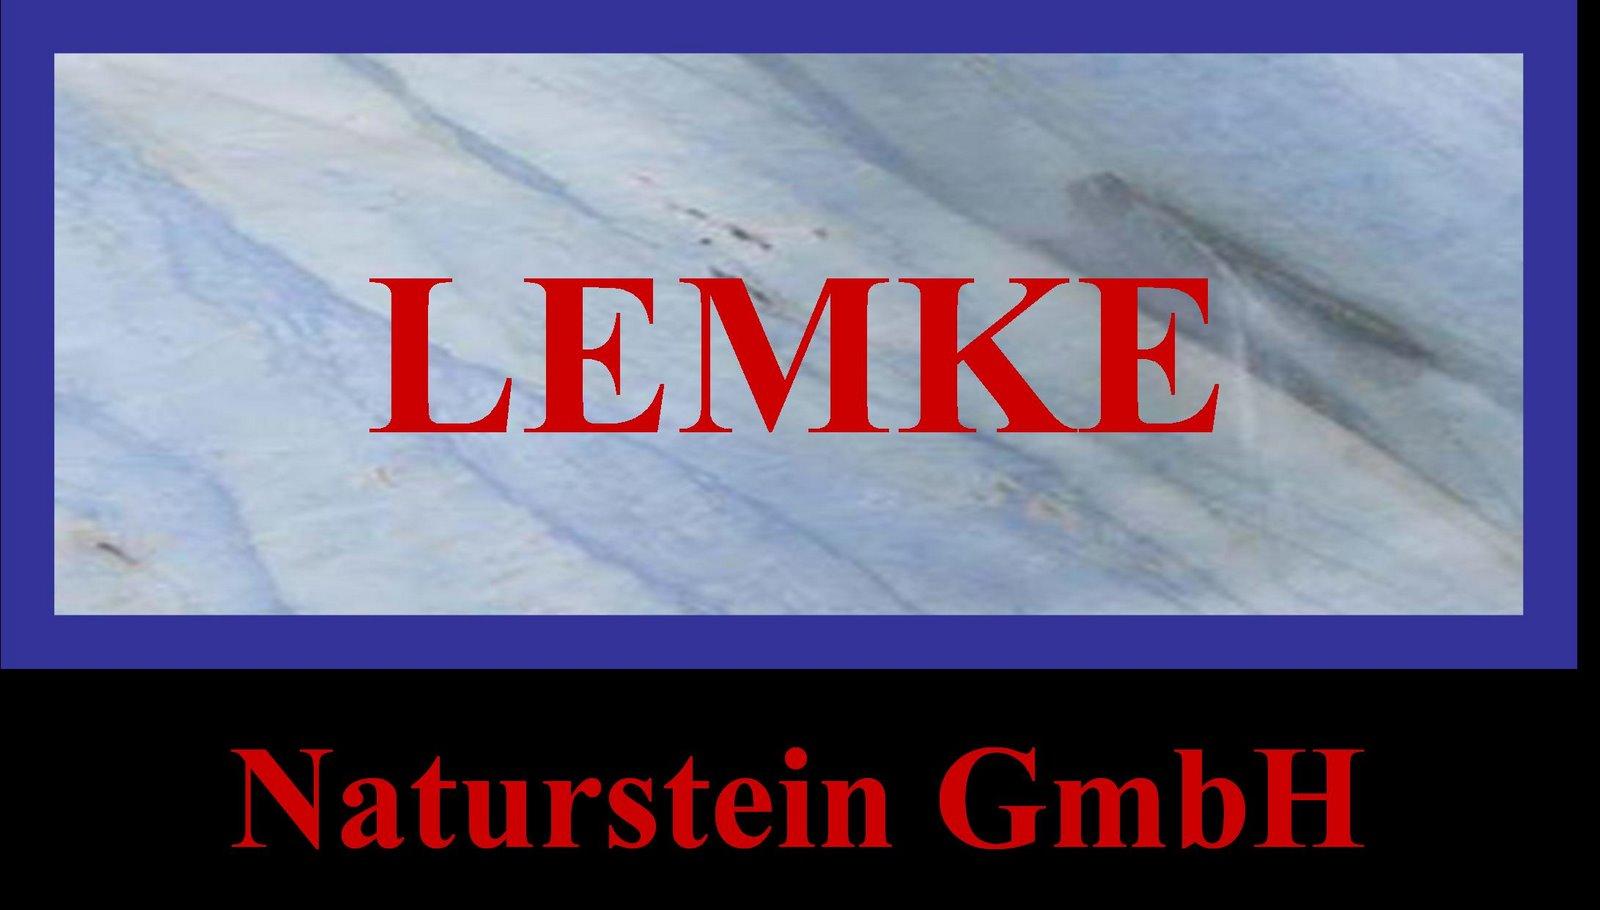 Lemke Naturstein